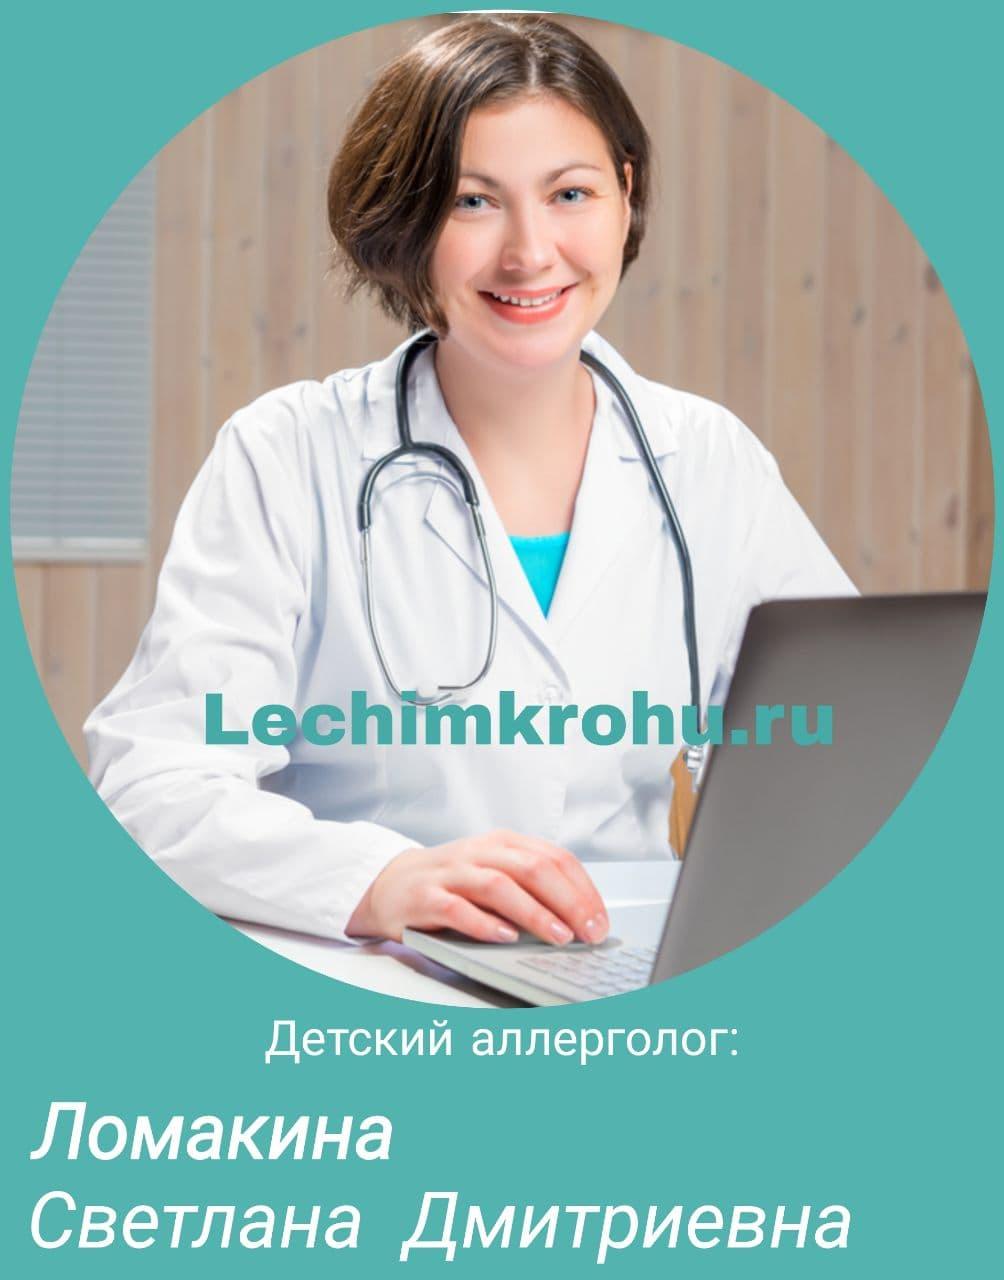 Детский аллерголог Ломакина